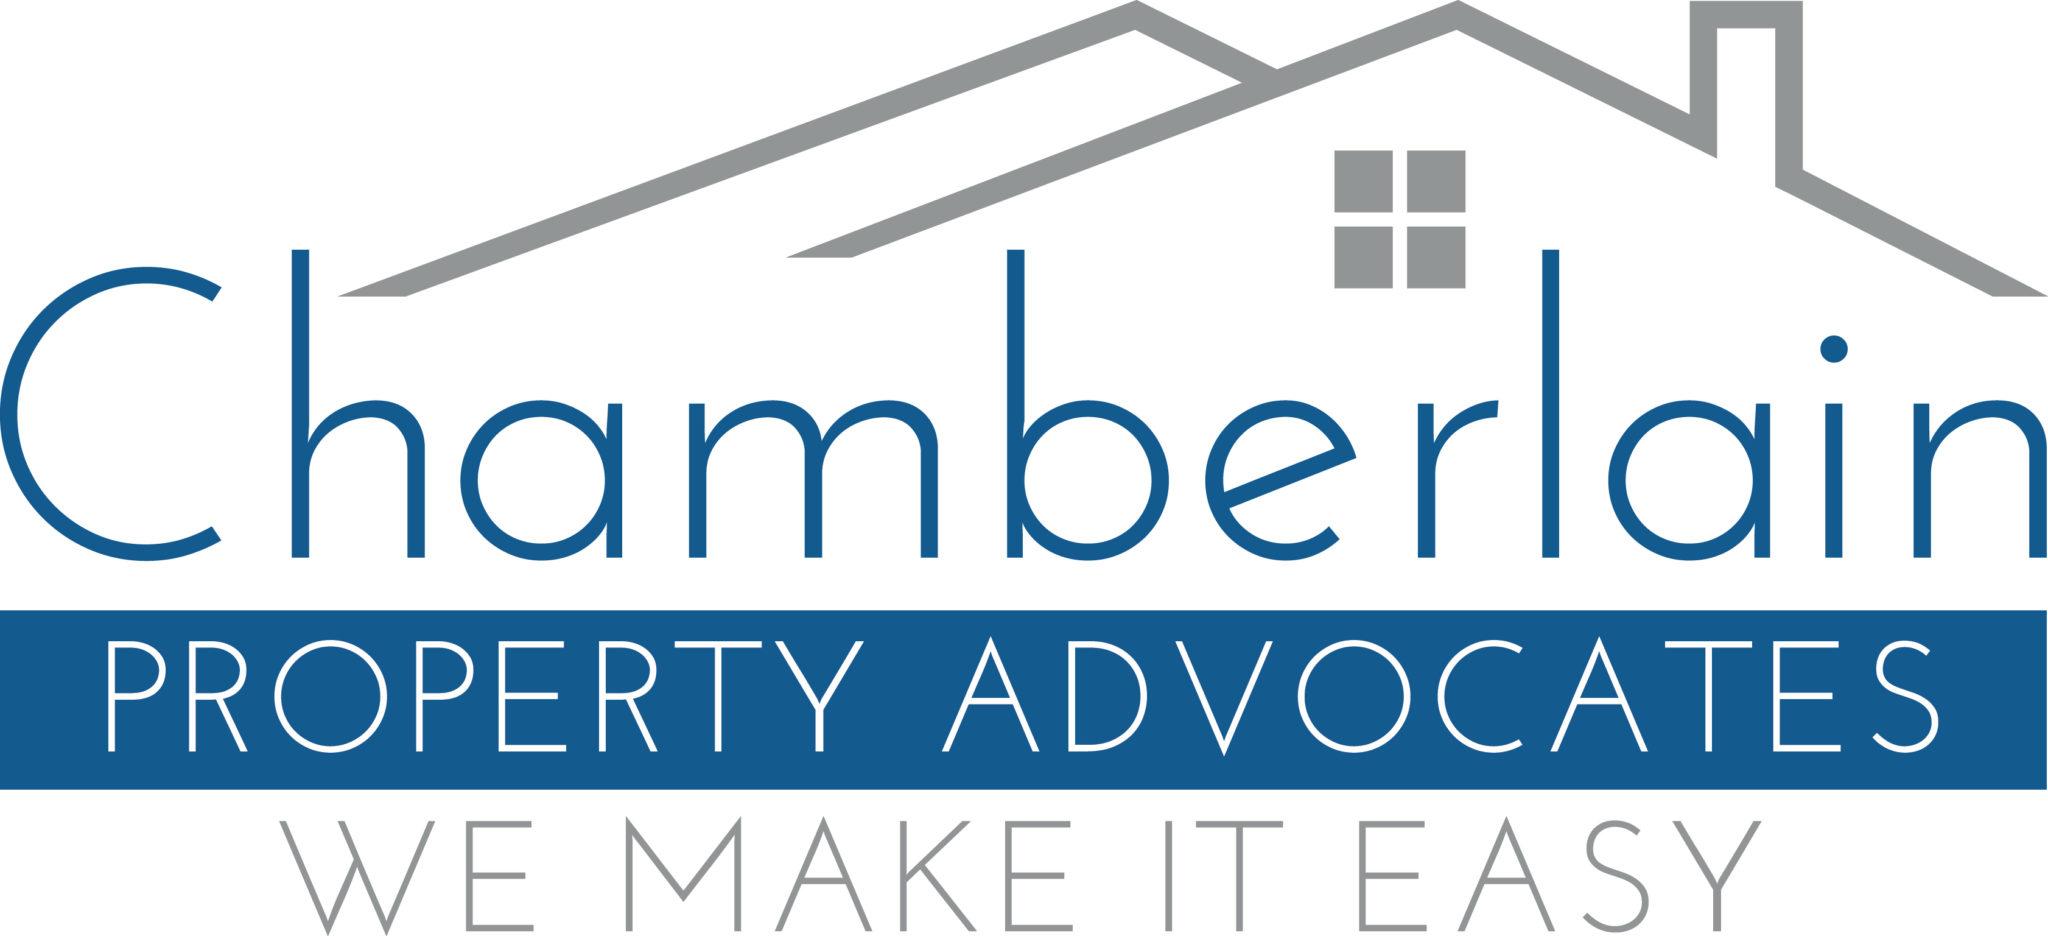 Chamberlain Property Advocates